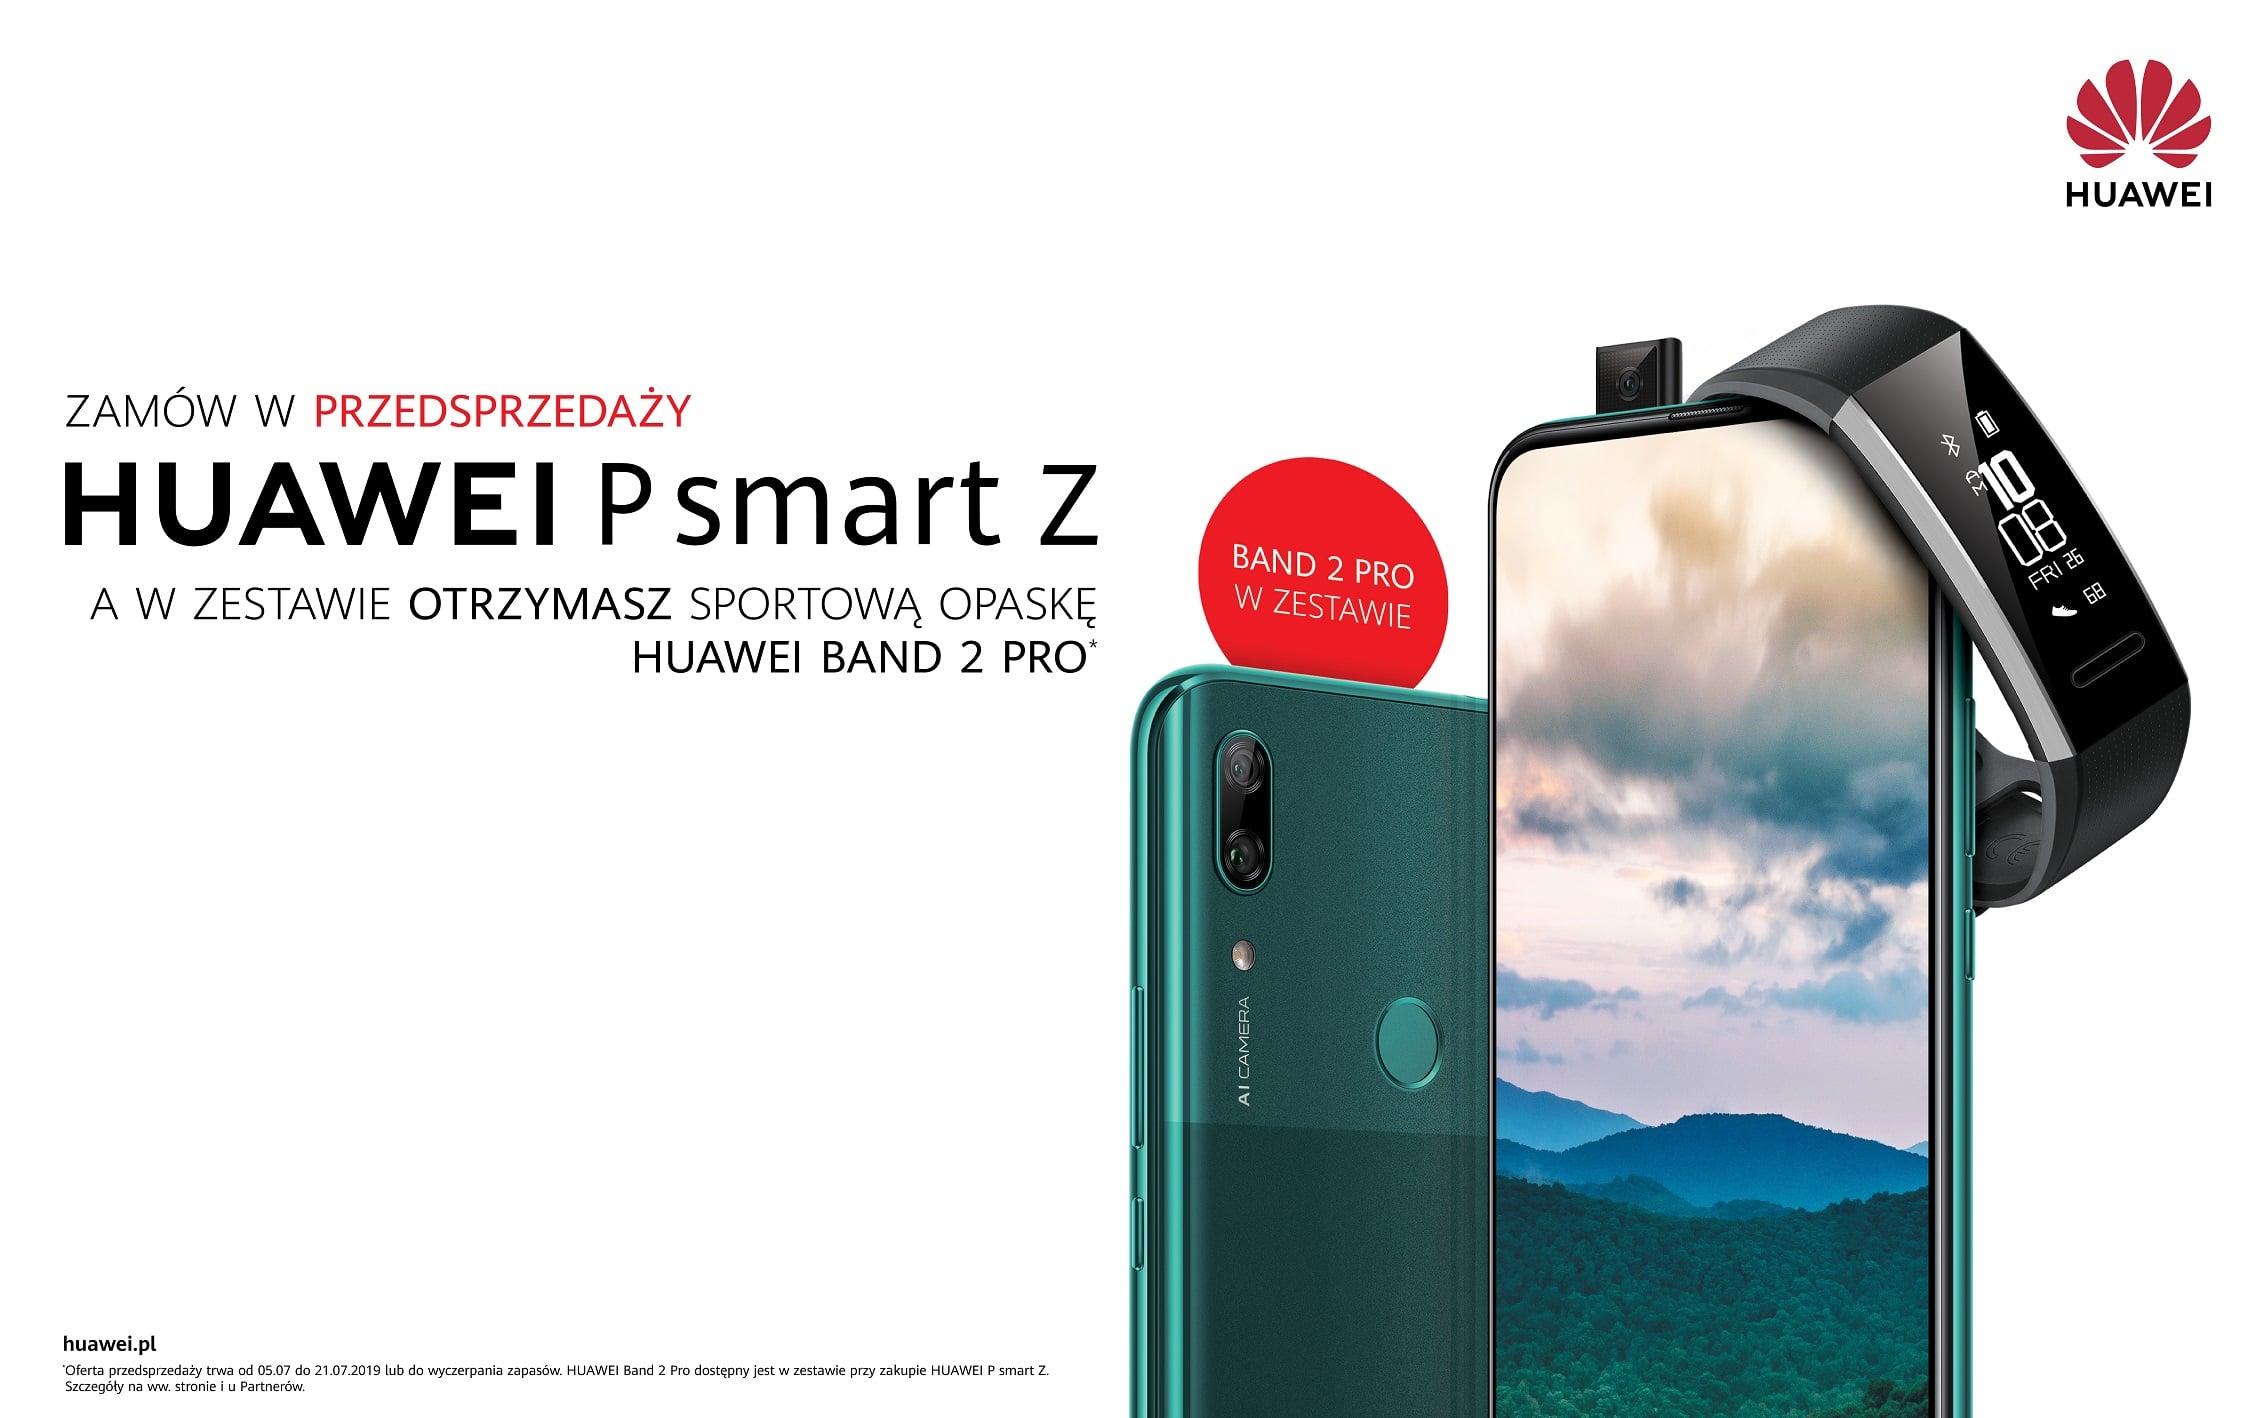 Polska premiera P smart Z - pierwszego smartfona Huawei z wysuwanym aparatem selfie 18